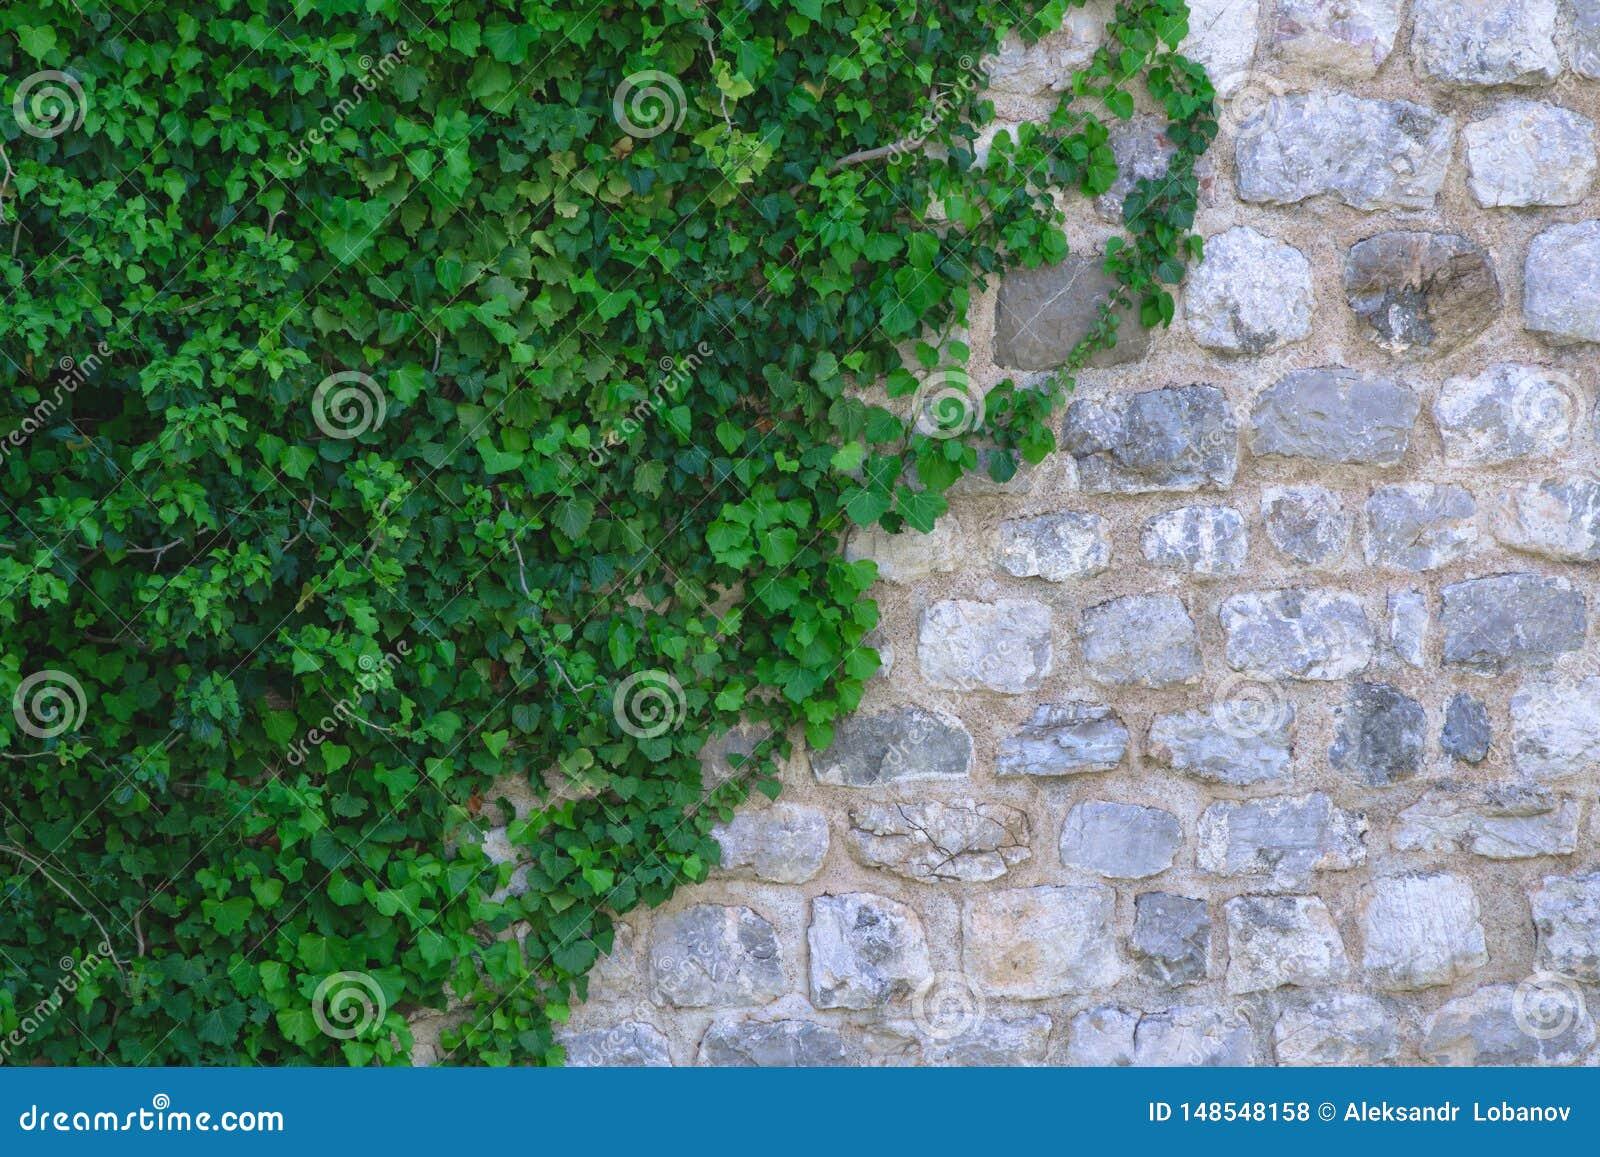 Τοίχος της άσπρης και γκρίζας πέτρας στα πράσινα φύλλα